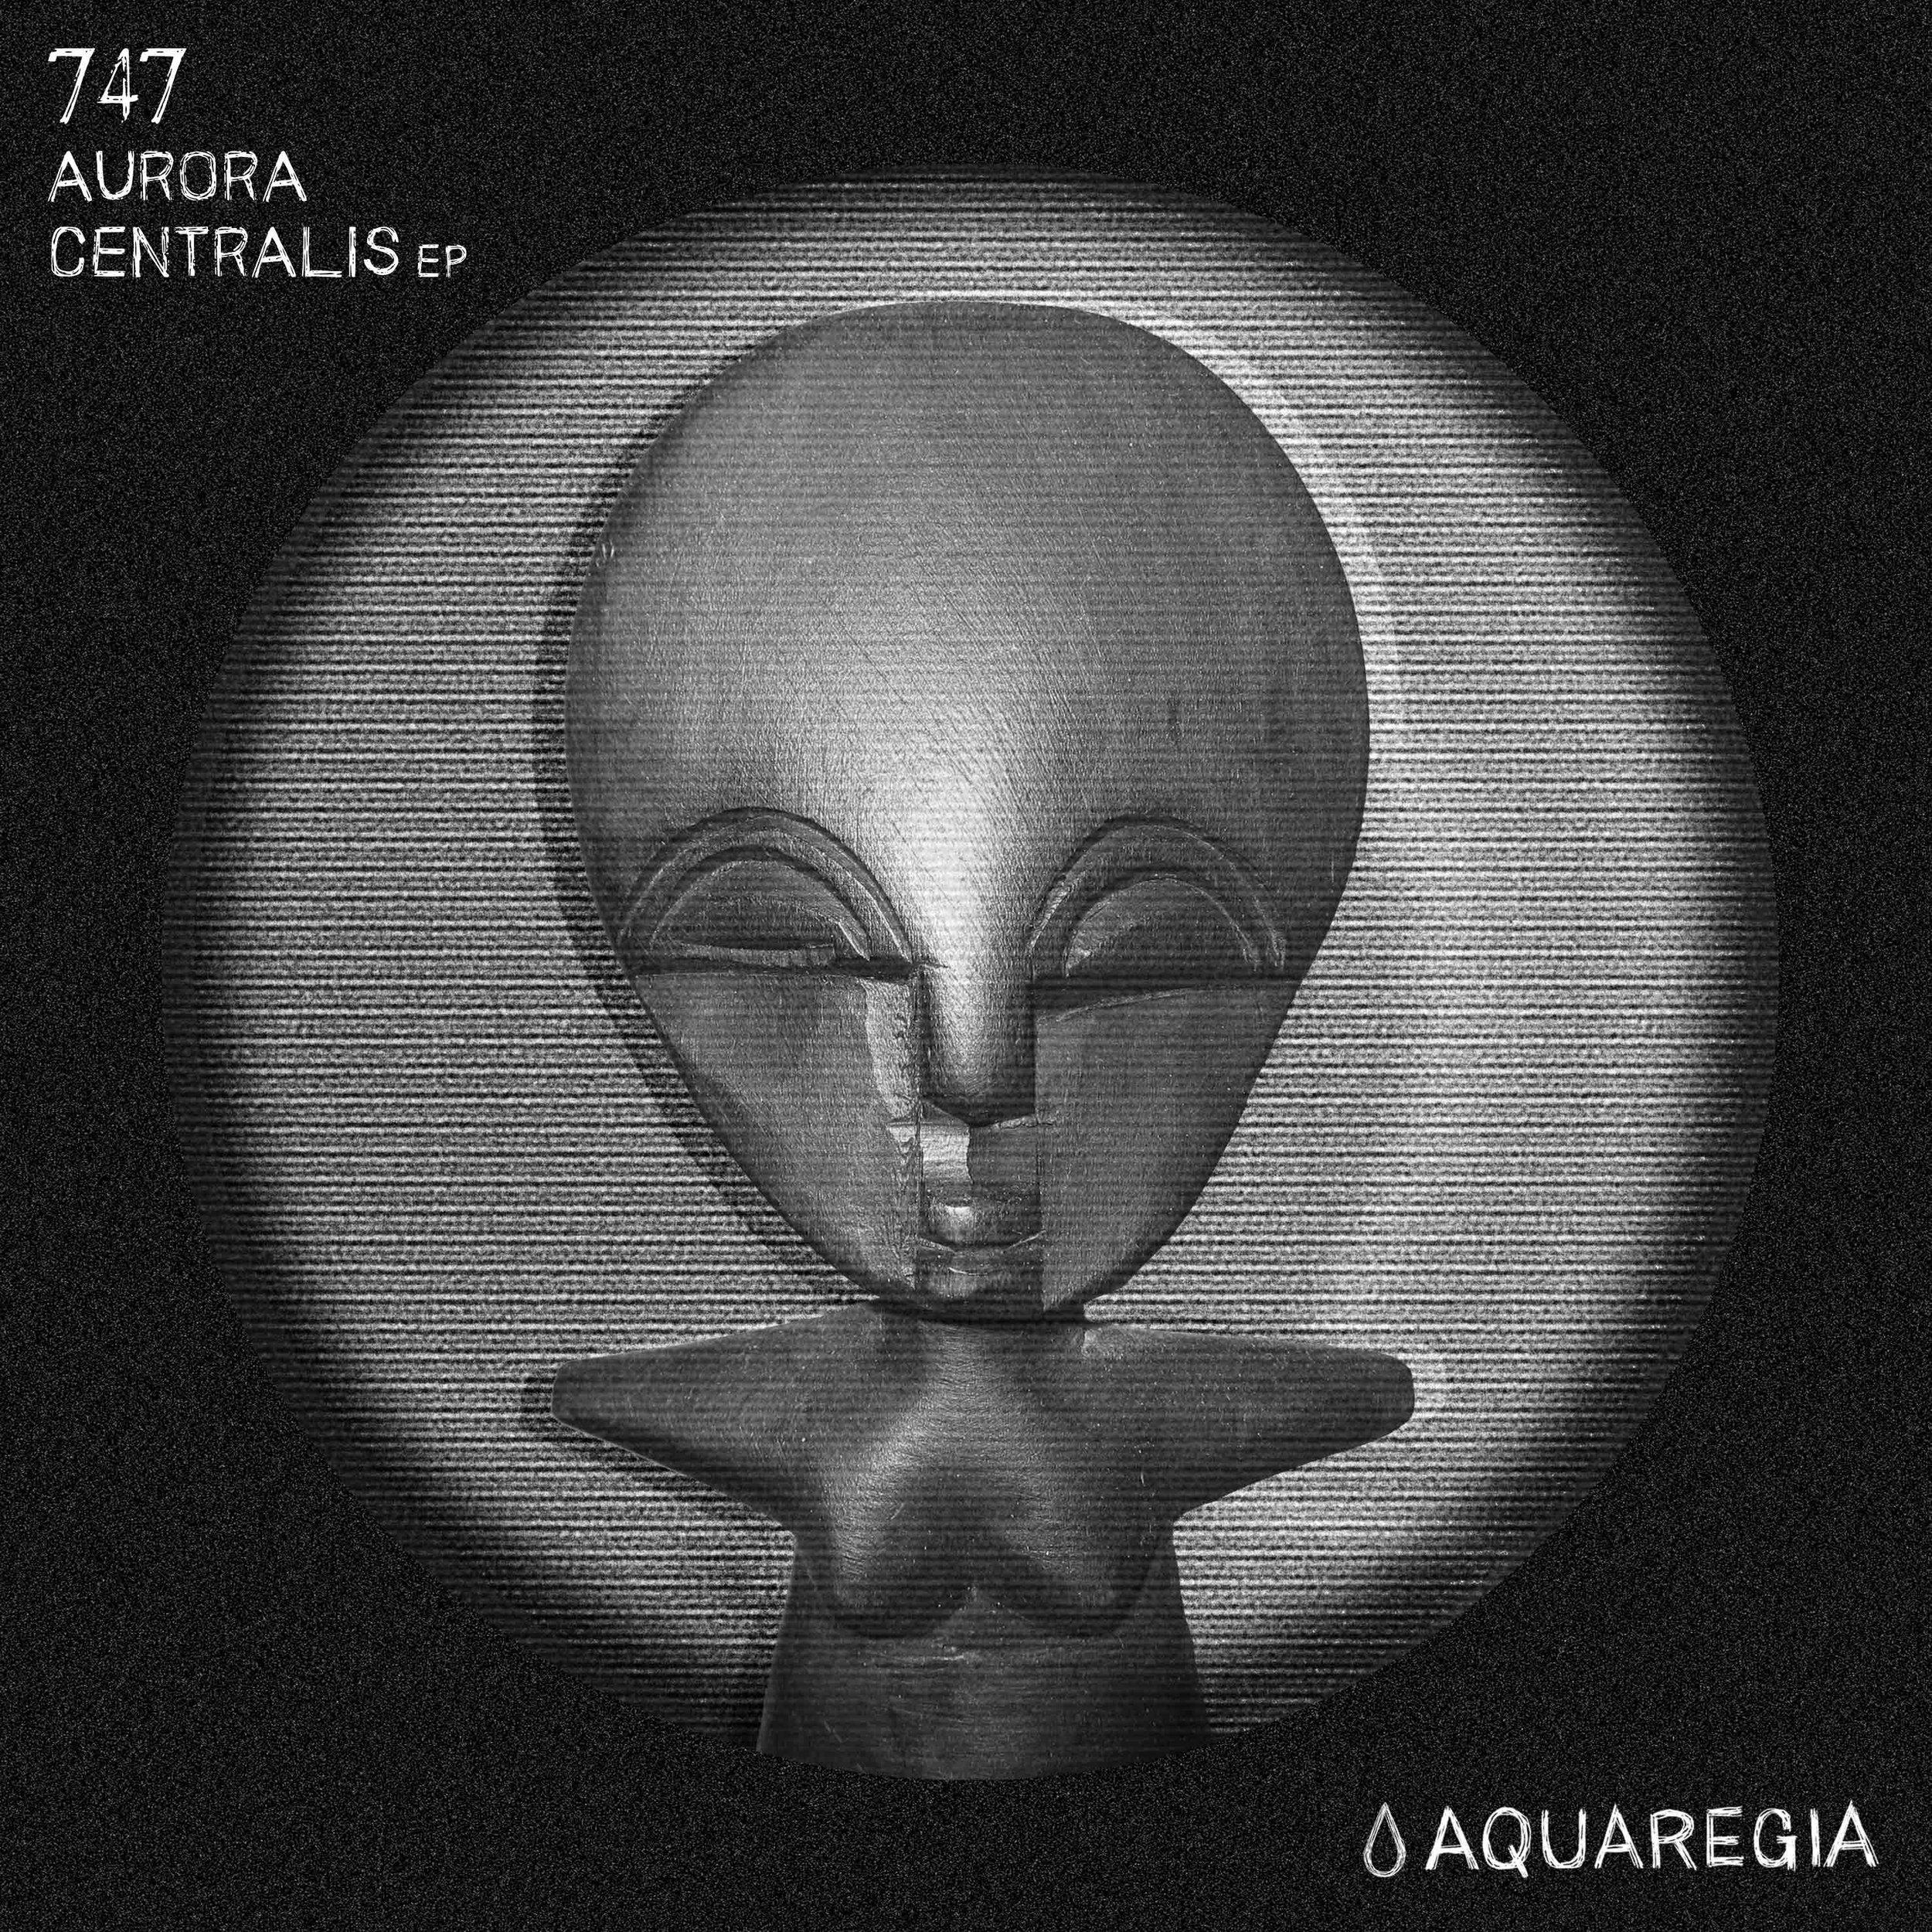 747 - Aurora Centralis EP [AQR006]